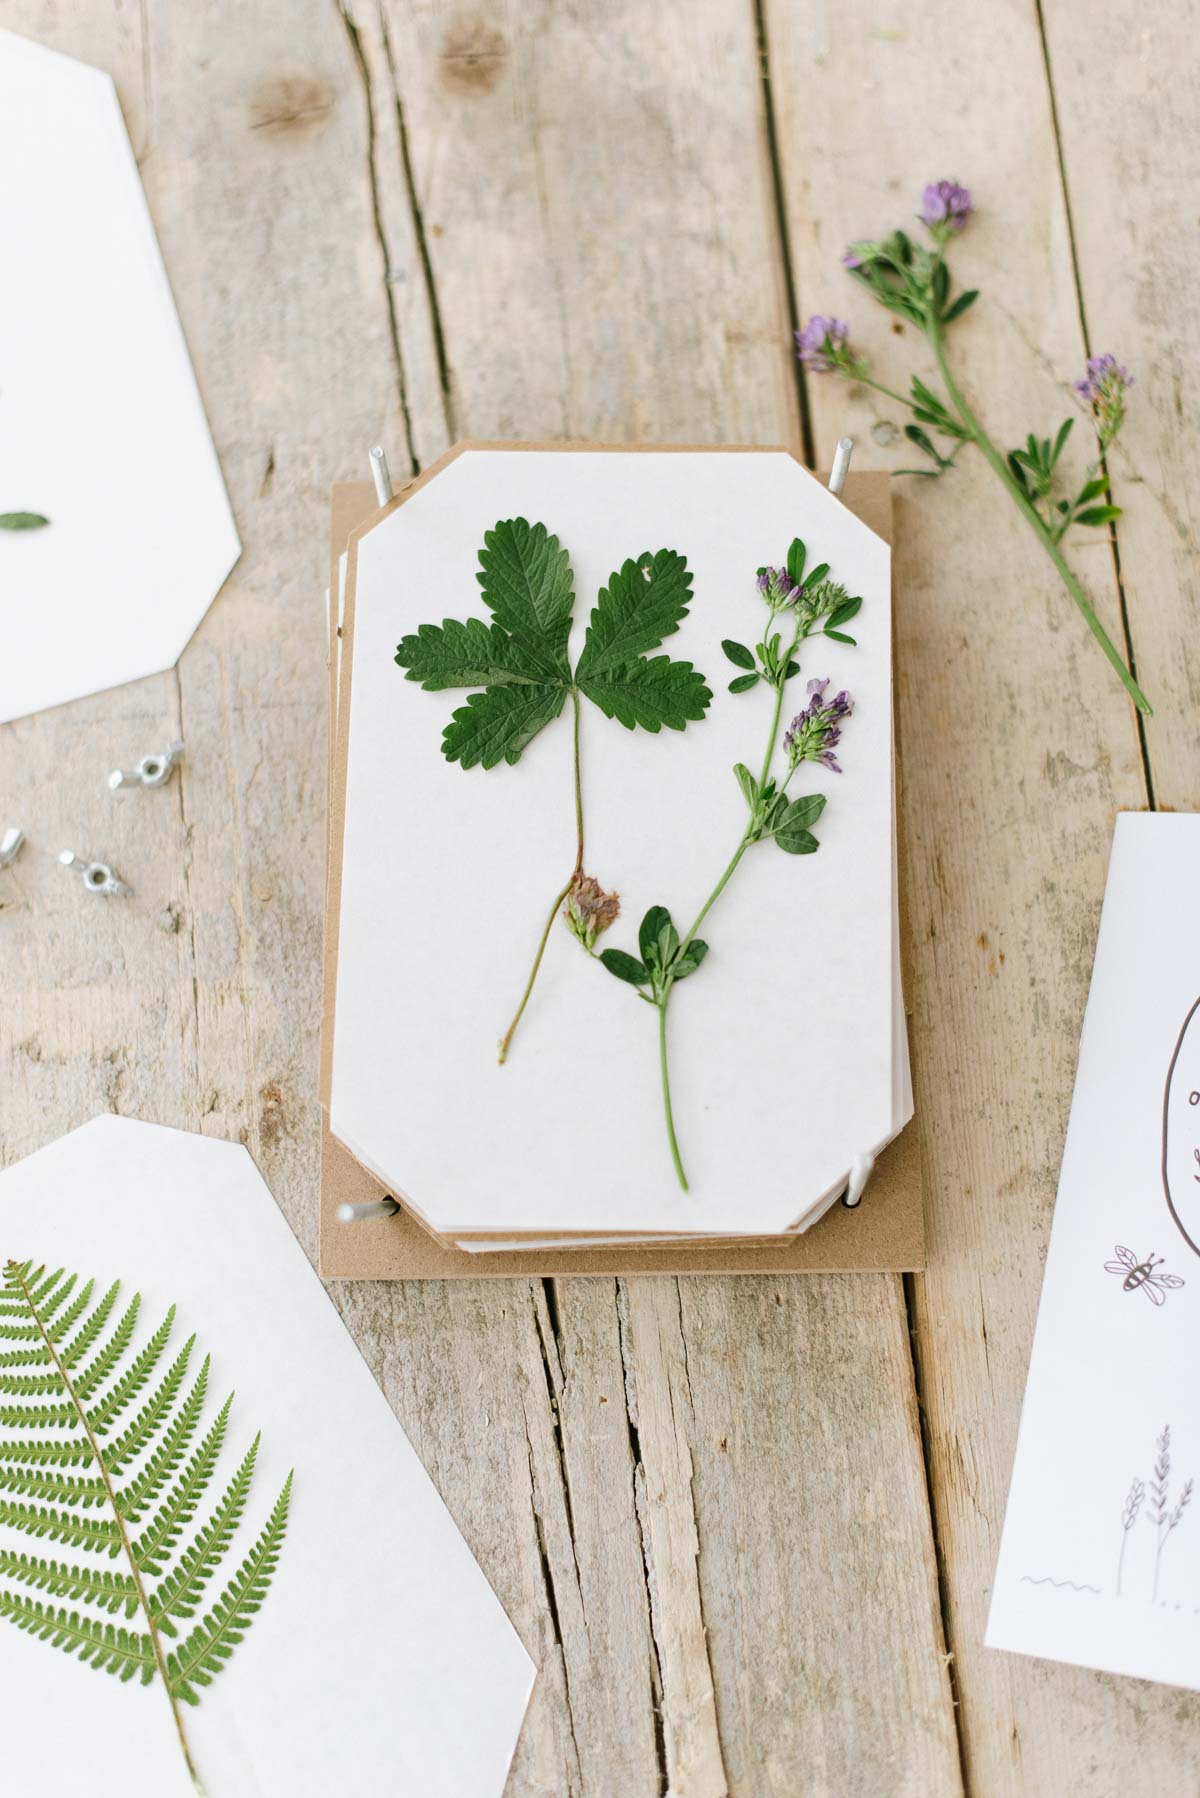 Klee, Erdbeerblätter und Wiesenblumen in der Blumenpresse.